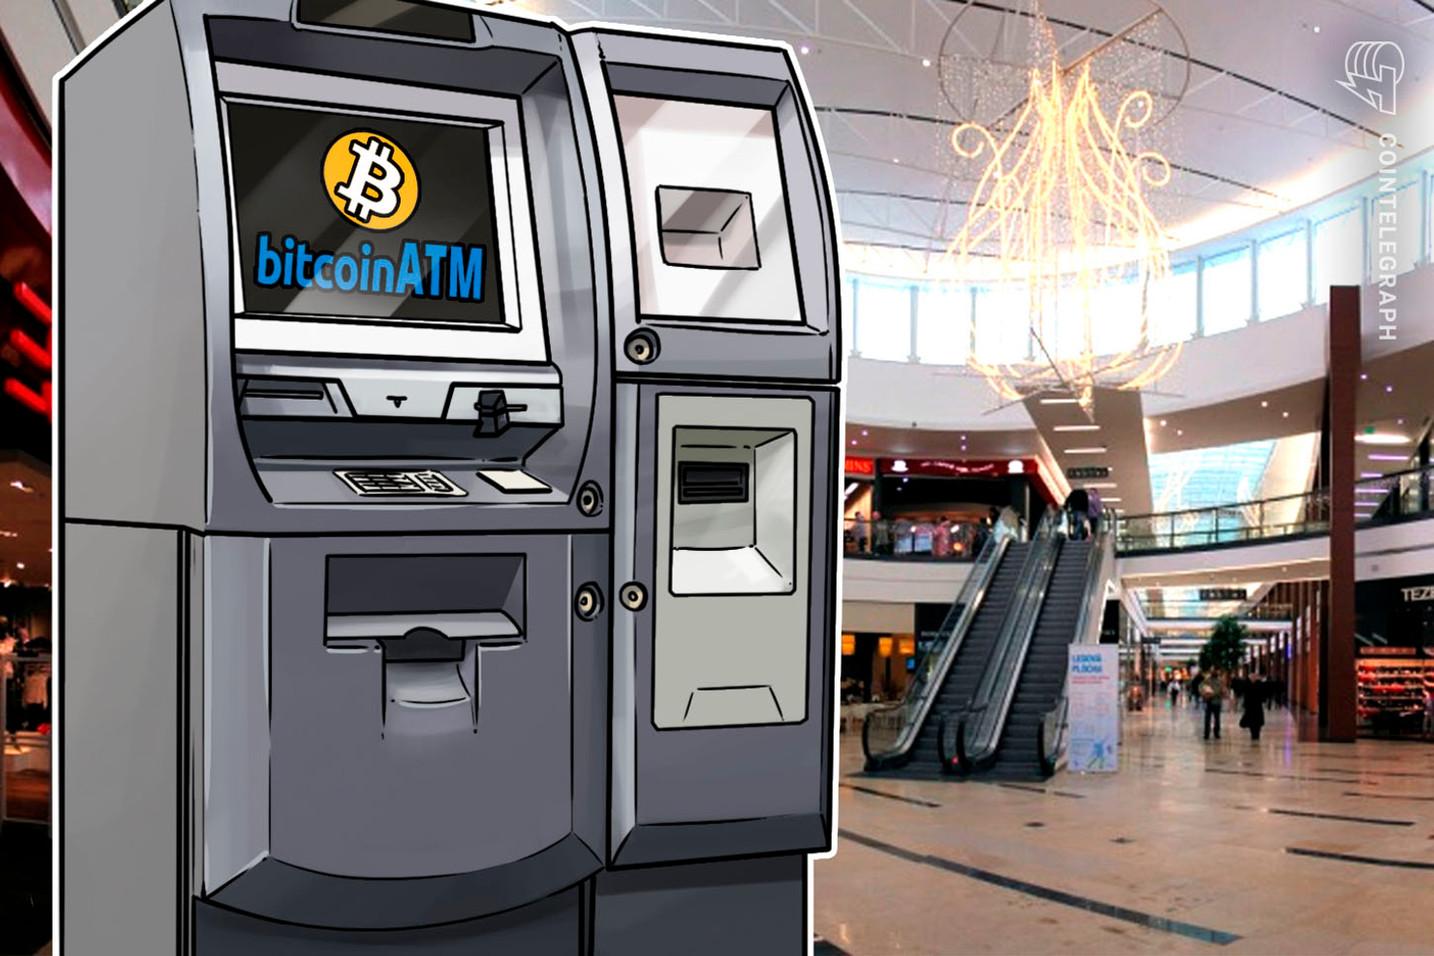 米コンビニ「シーツ」がビットコインATMを設置 仮想通貨の取引可能に